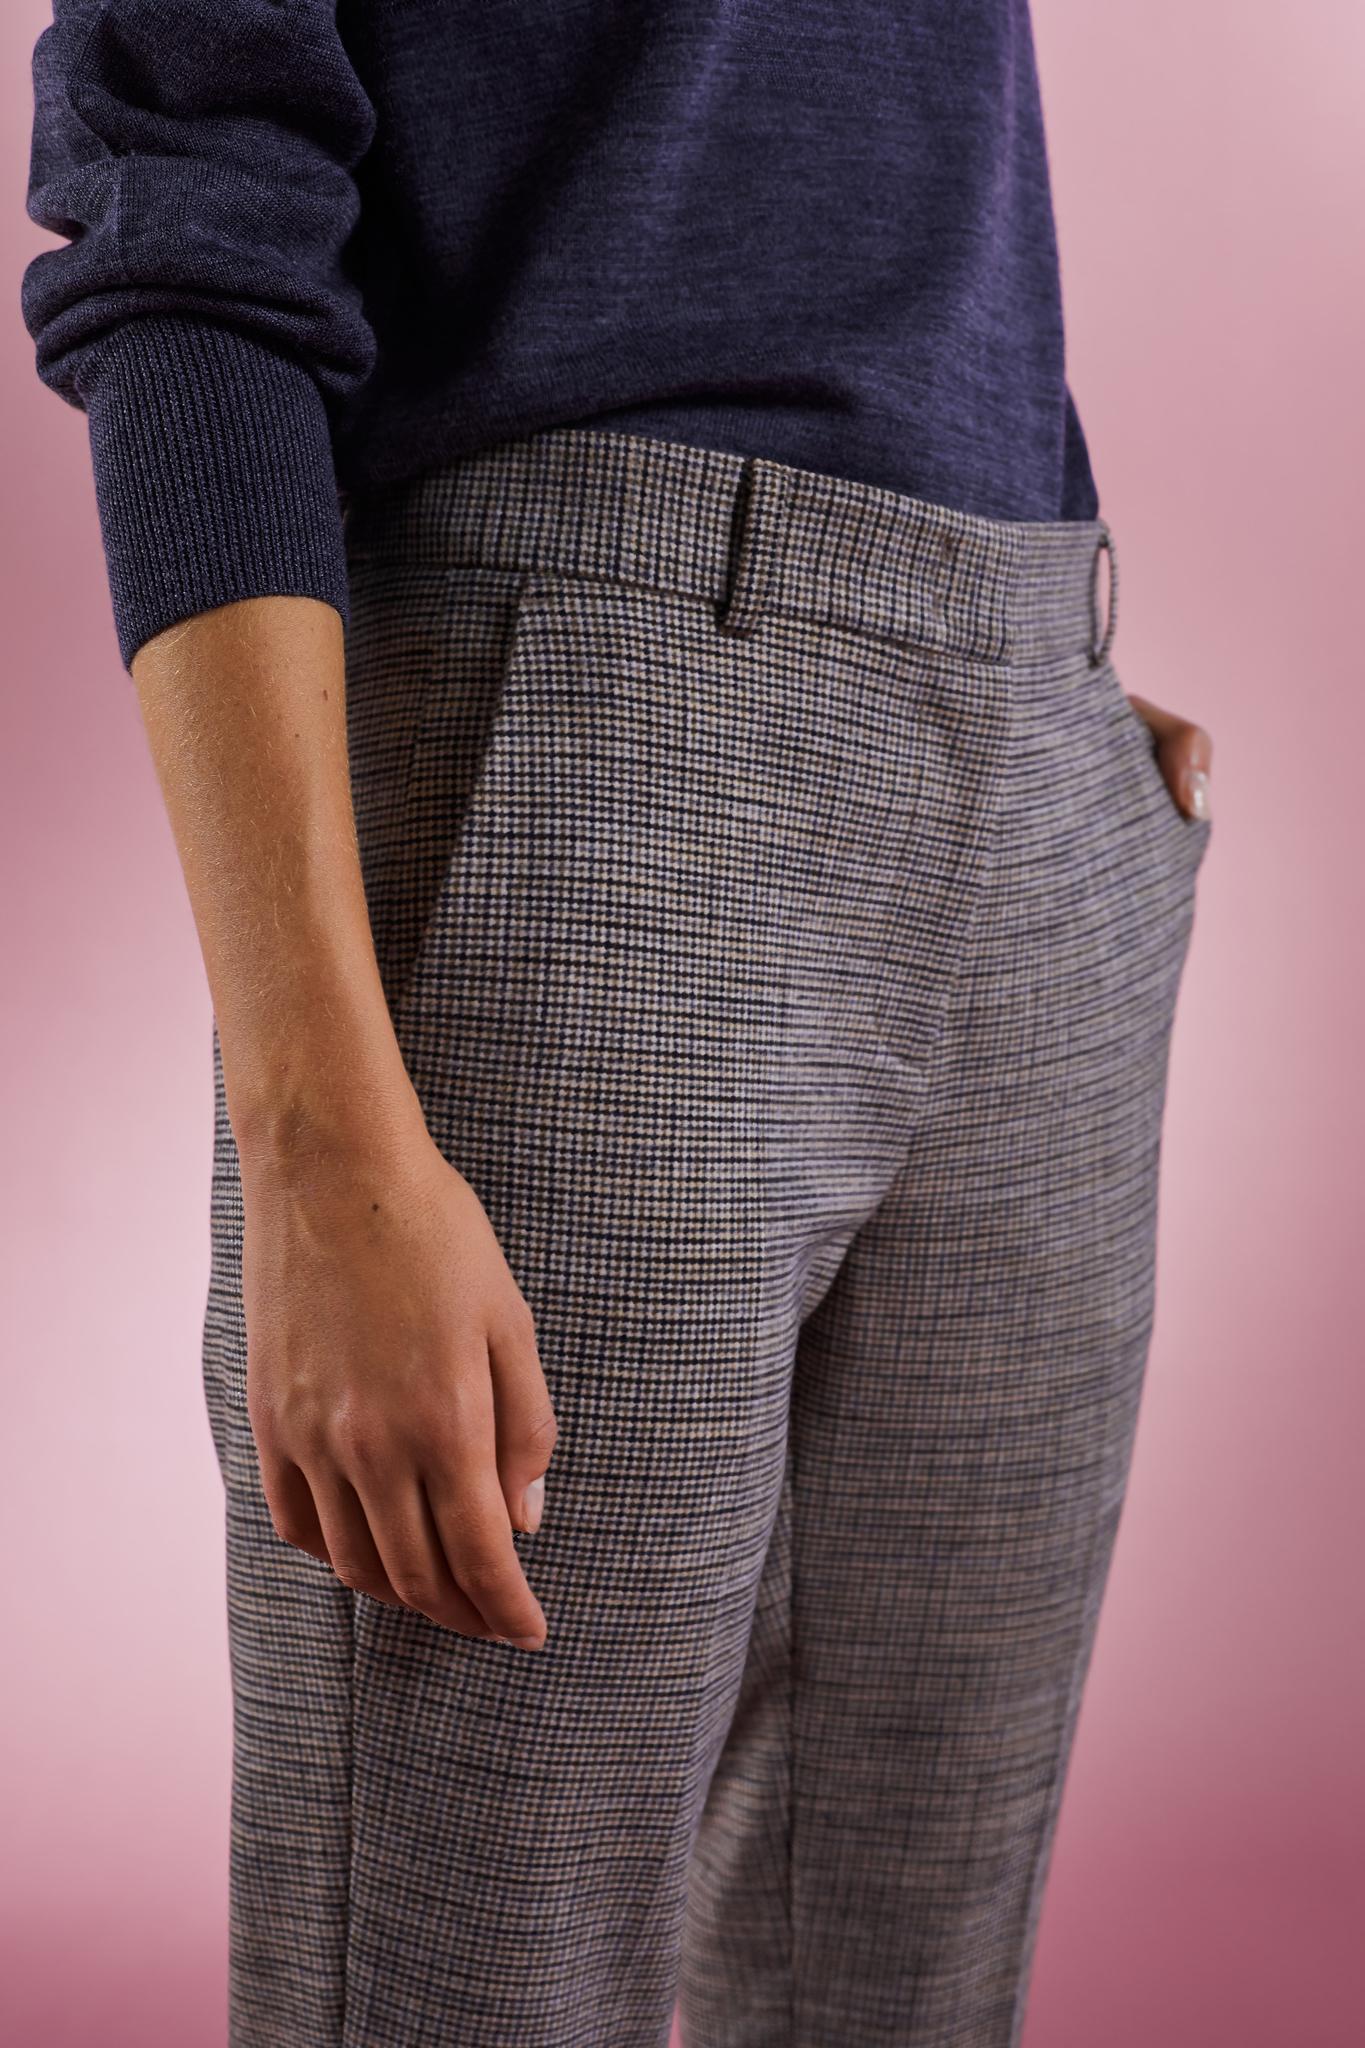 JEREMIAH - Прямые брюки в клетку